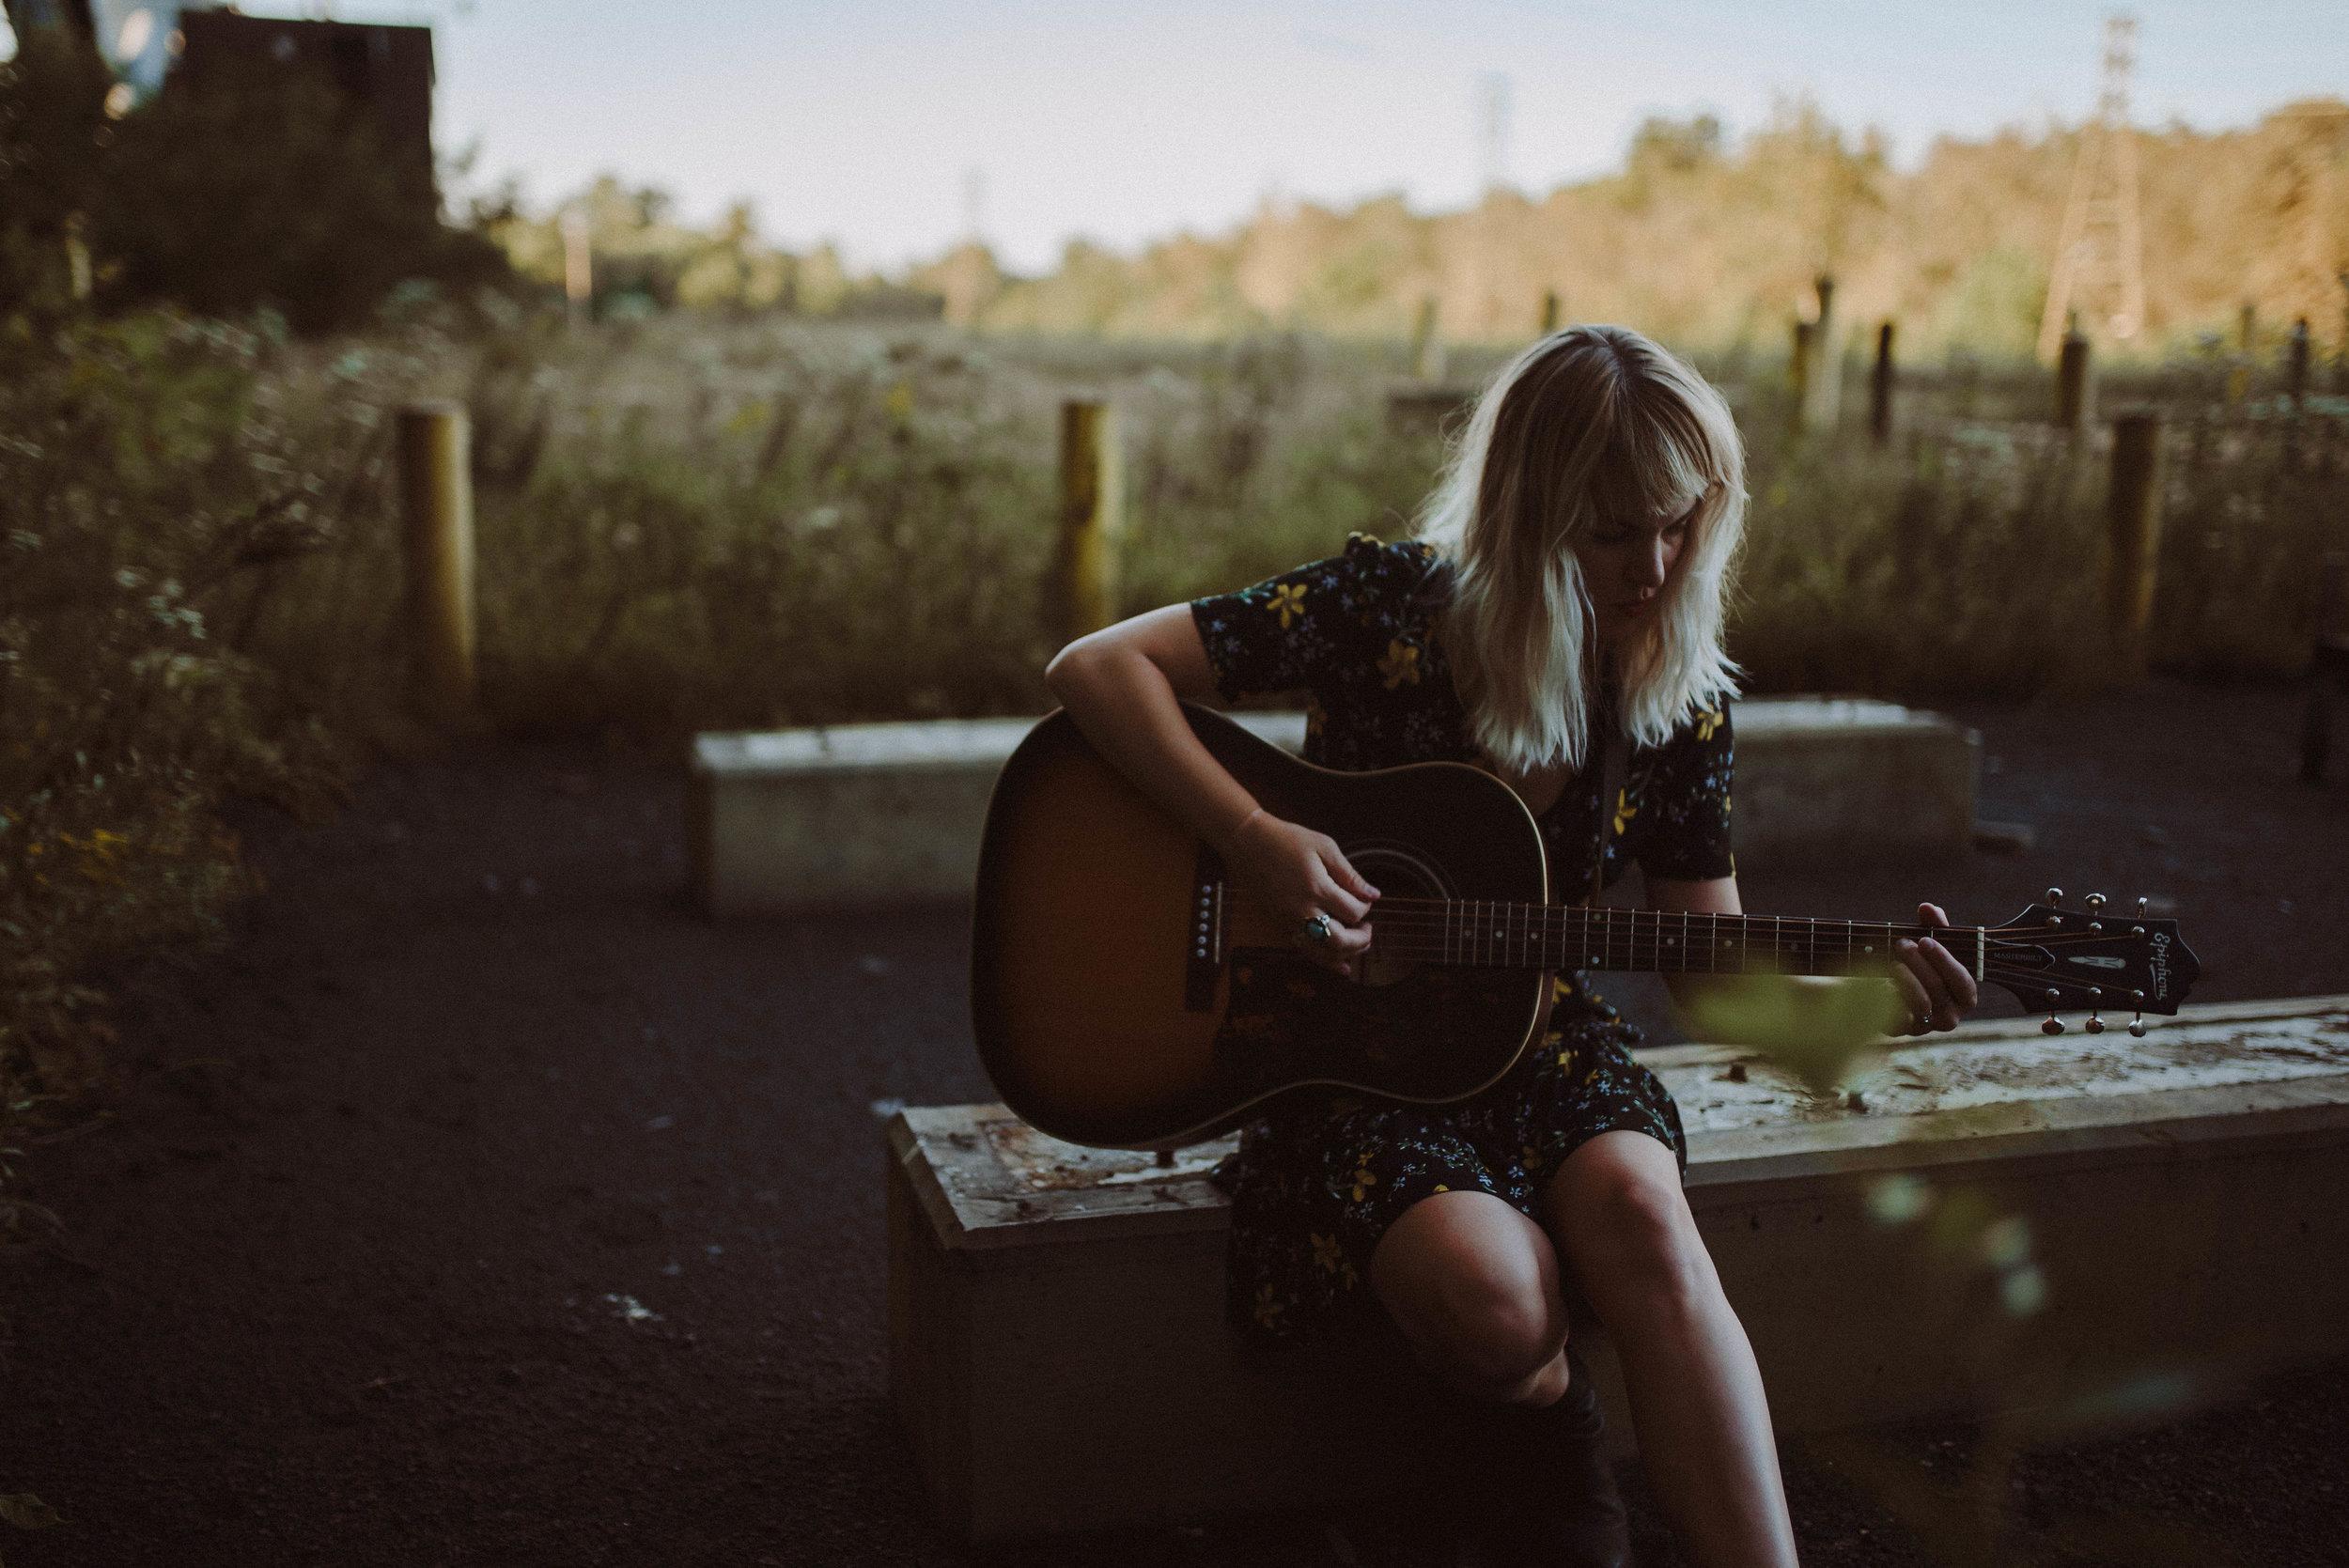 Photograph by Caroline Fischer